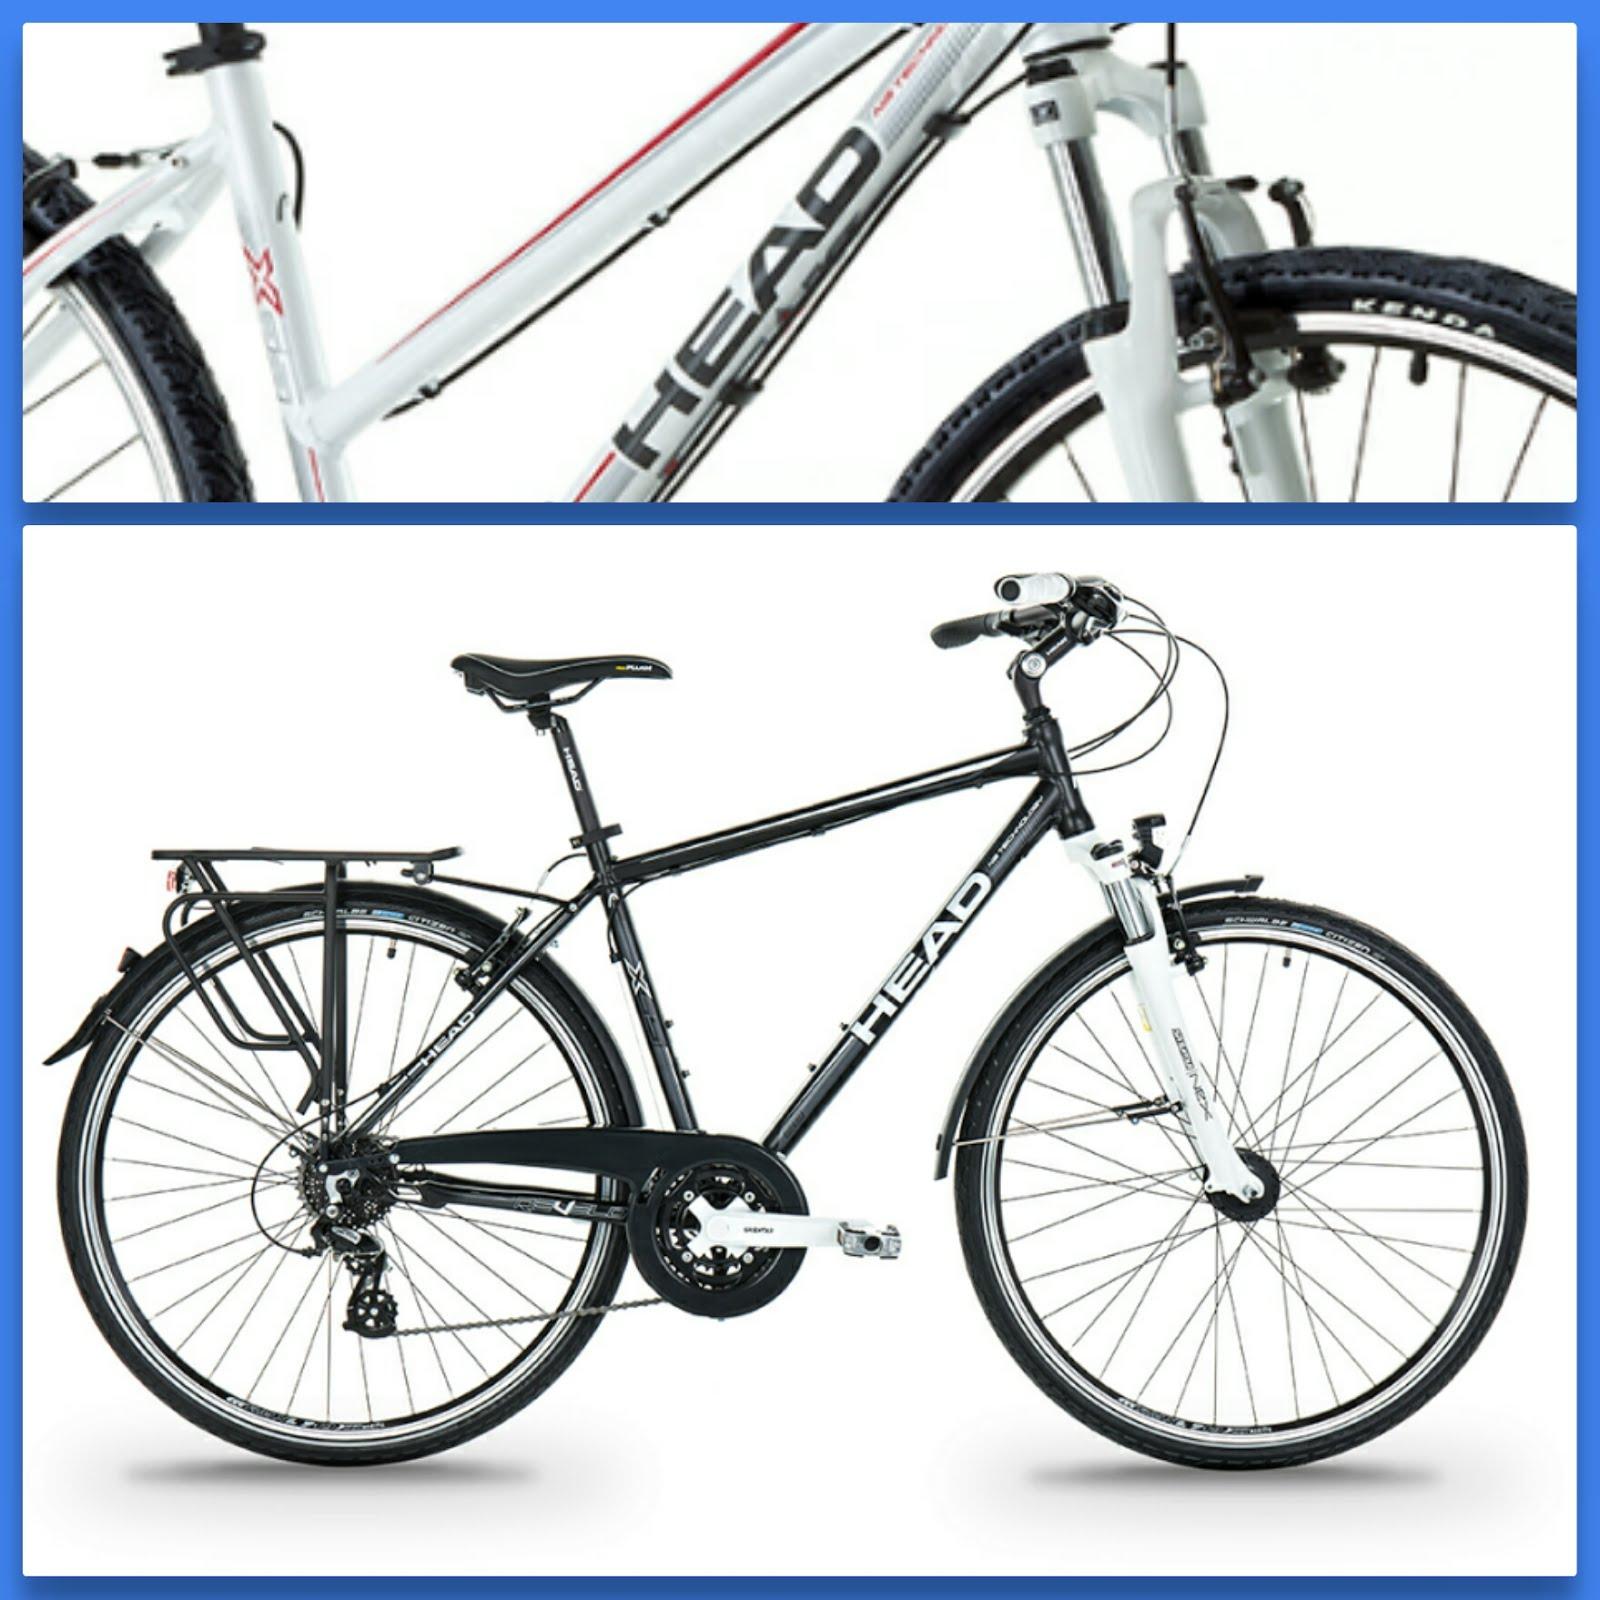 Head kerékpárok